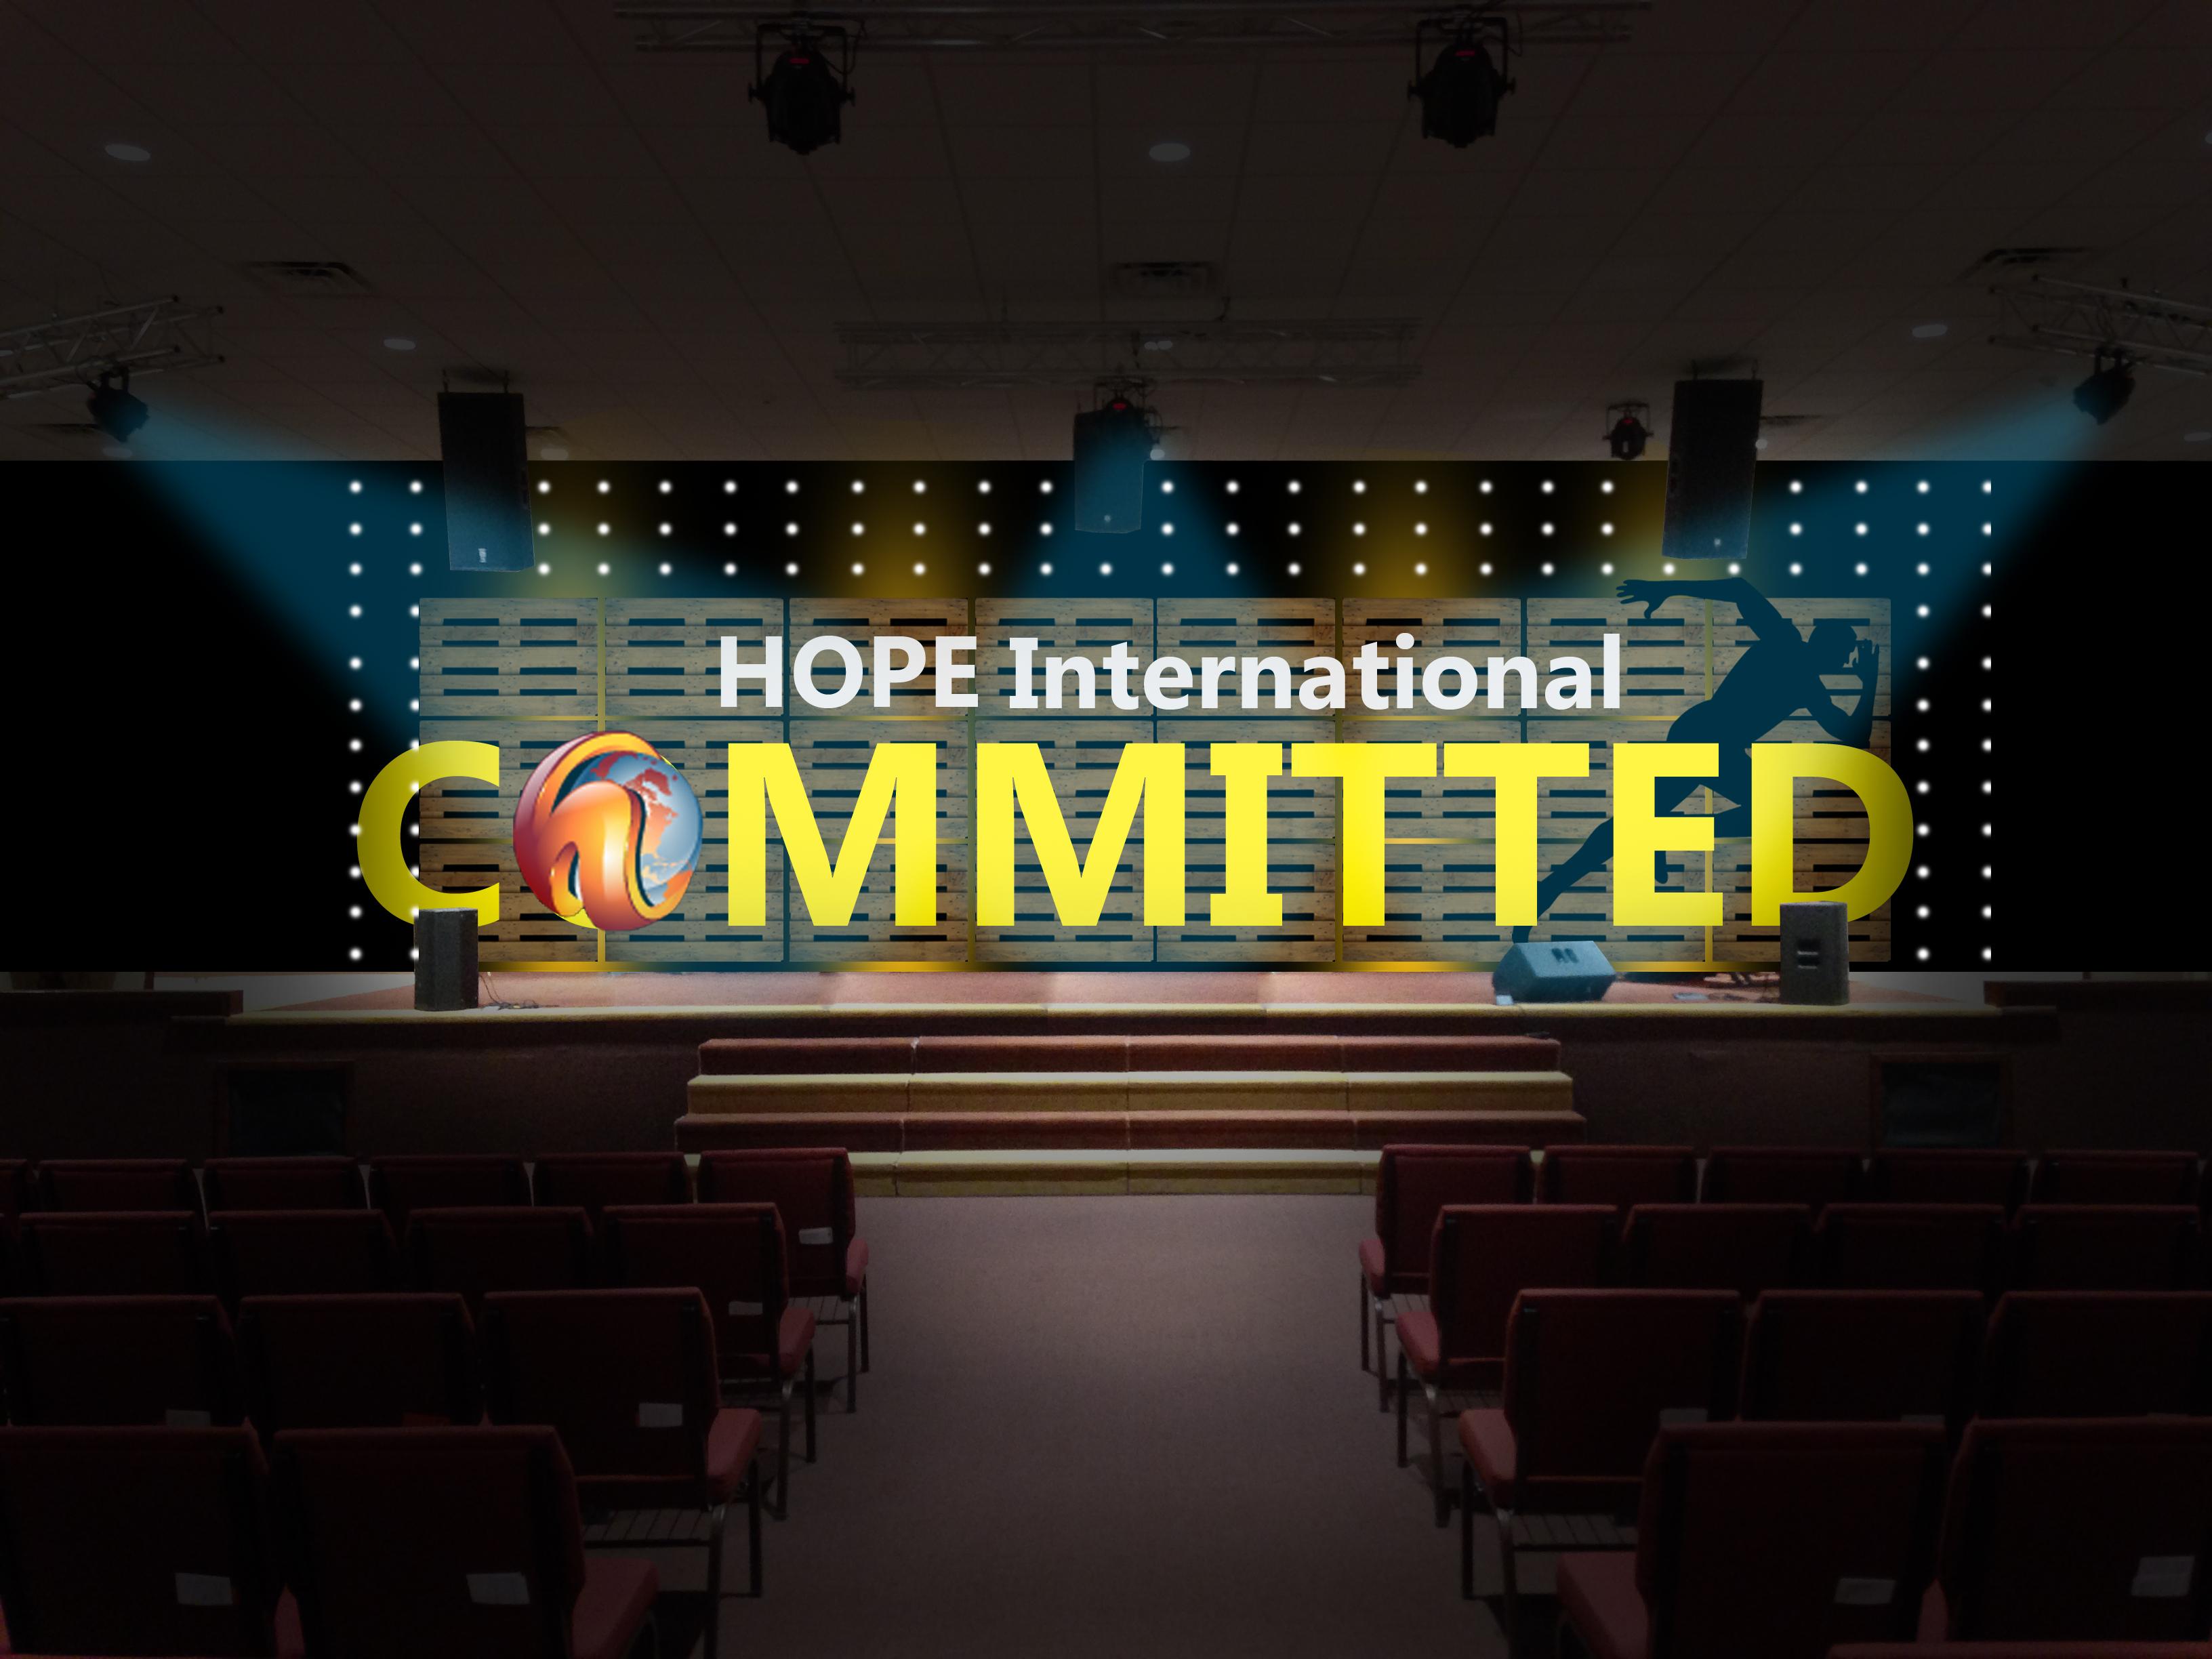 H.O.P.E. International